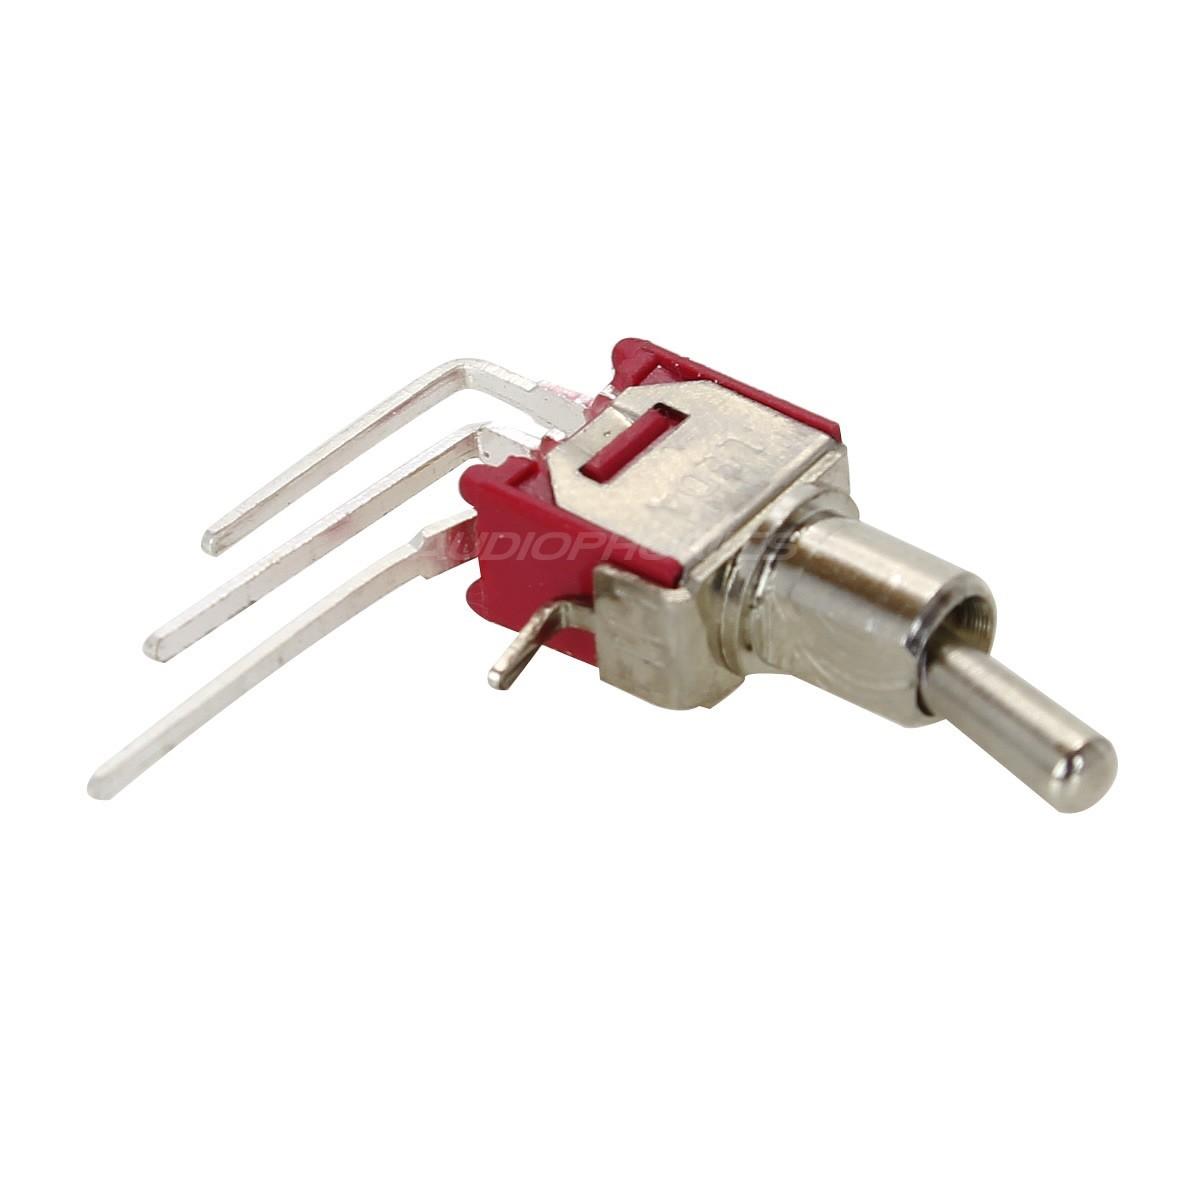 Interrupteur à bascule 1 pôle 2 positions 250V 1.5A